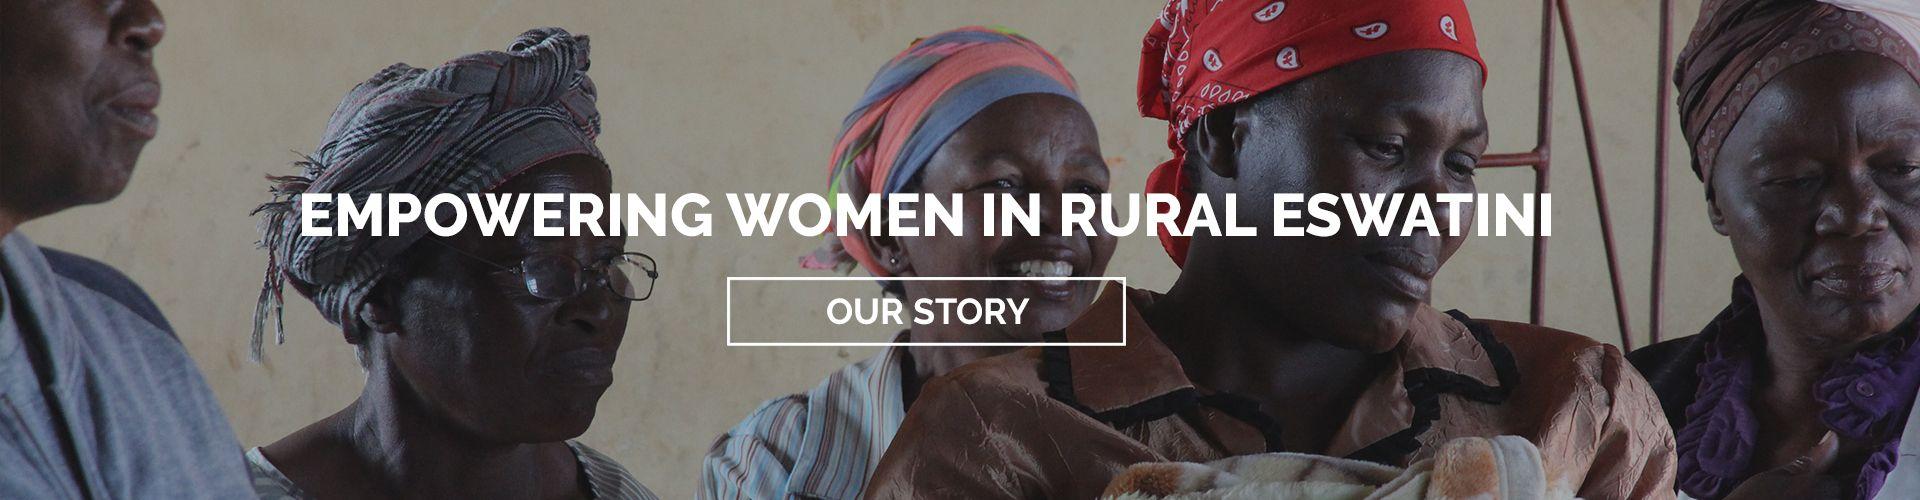 Empowering Women in Rural Eswatini